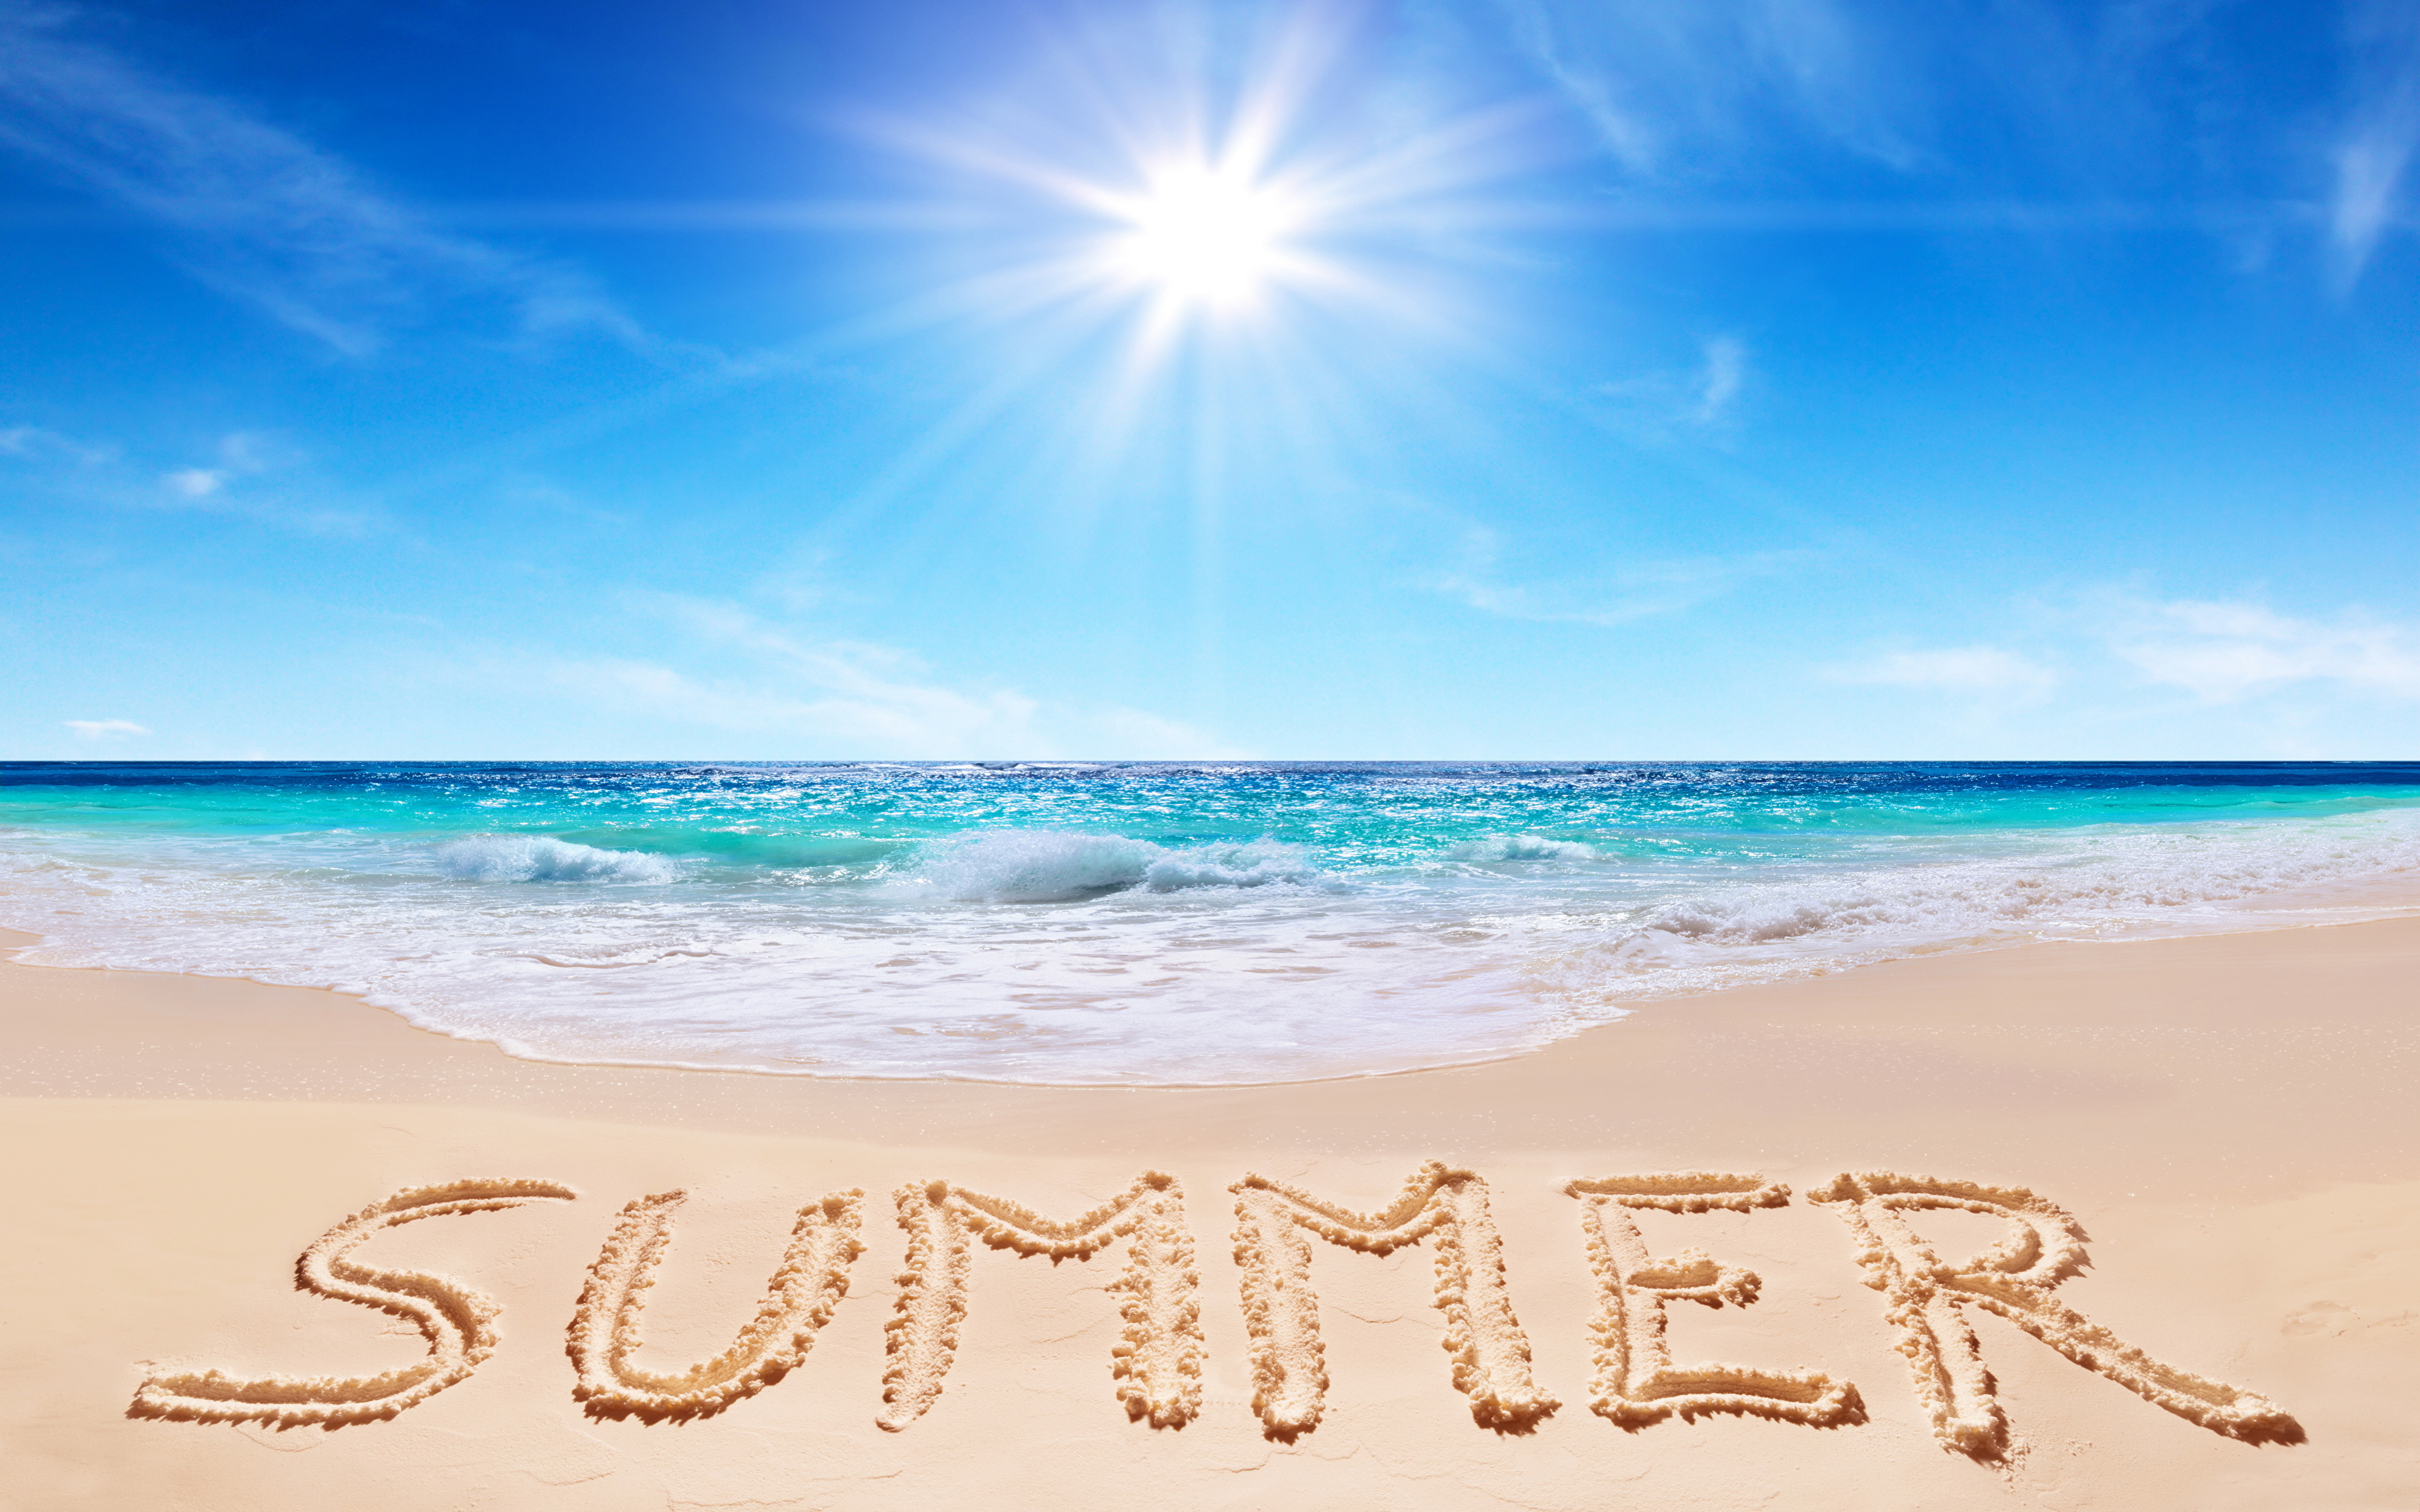 пляж лето фото